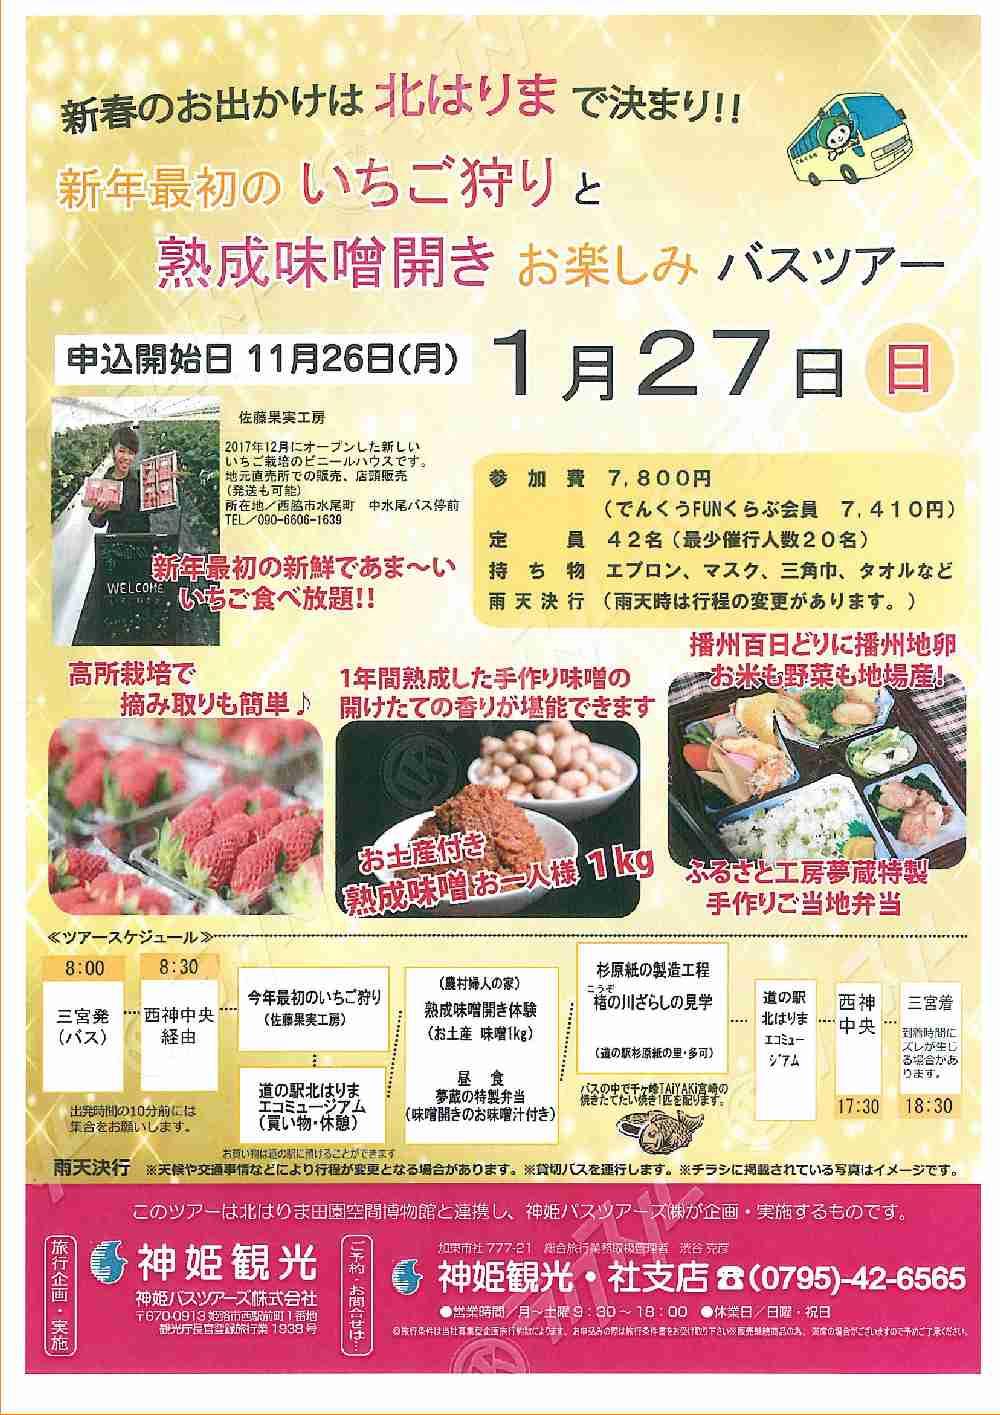 1/27 三宮発バスツアー「いちご狩りと熟成味噌開き」:でんくう